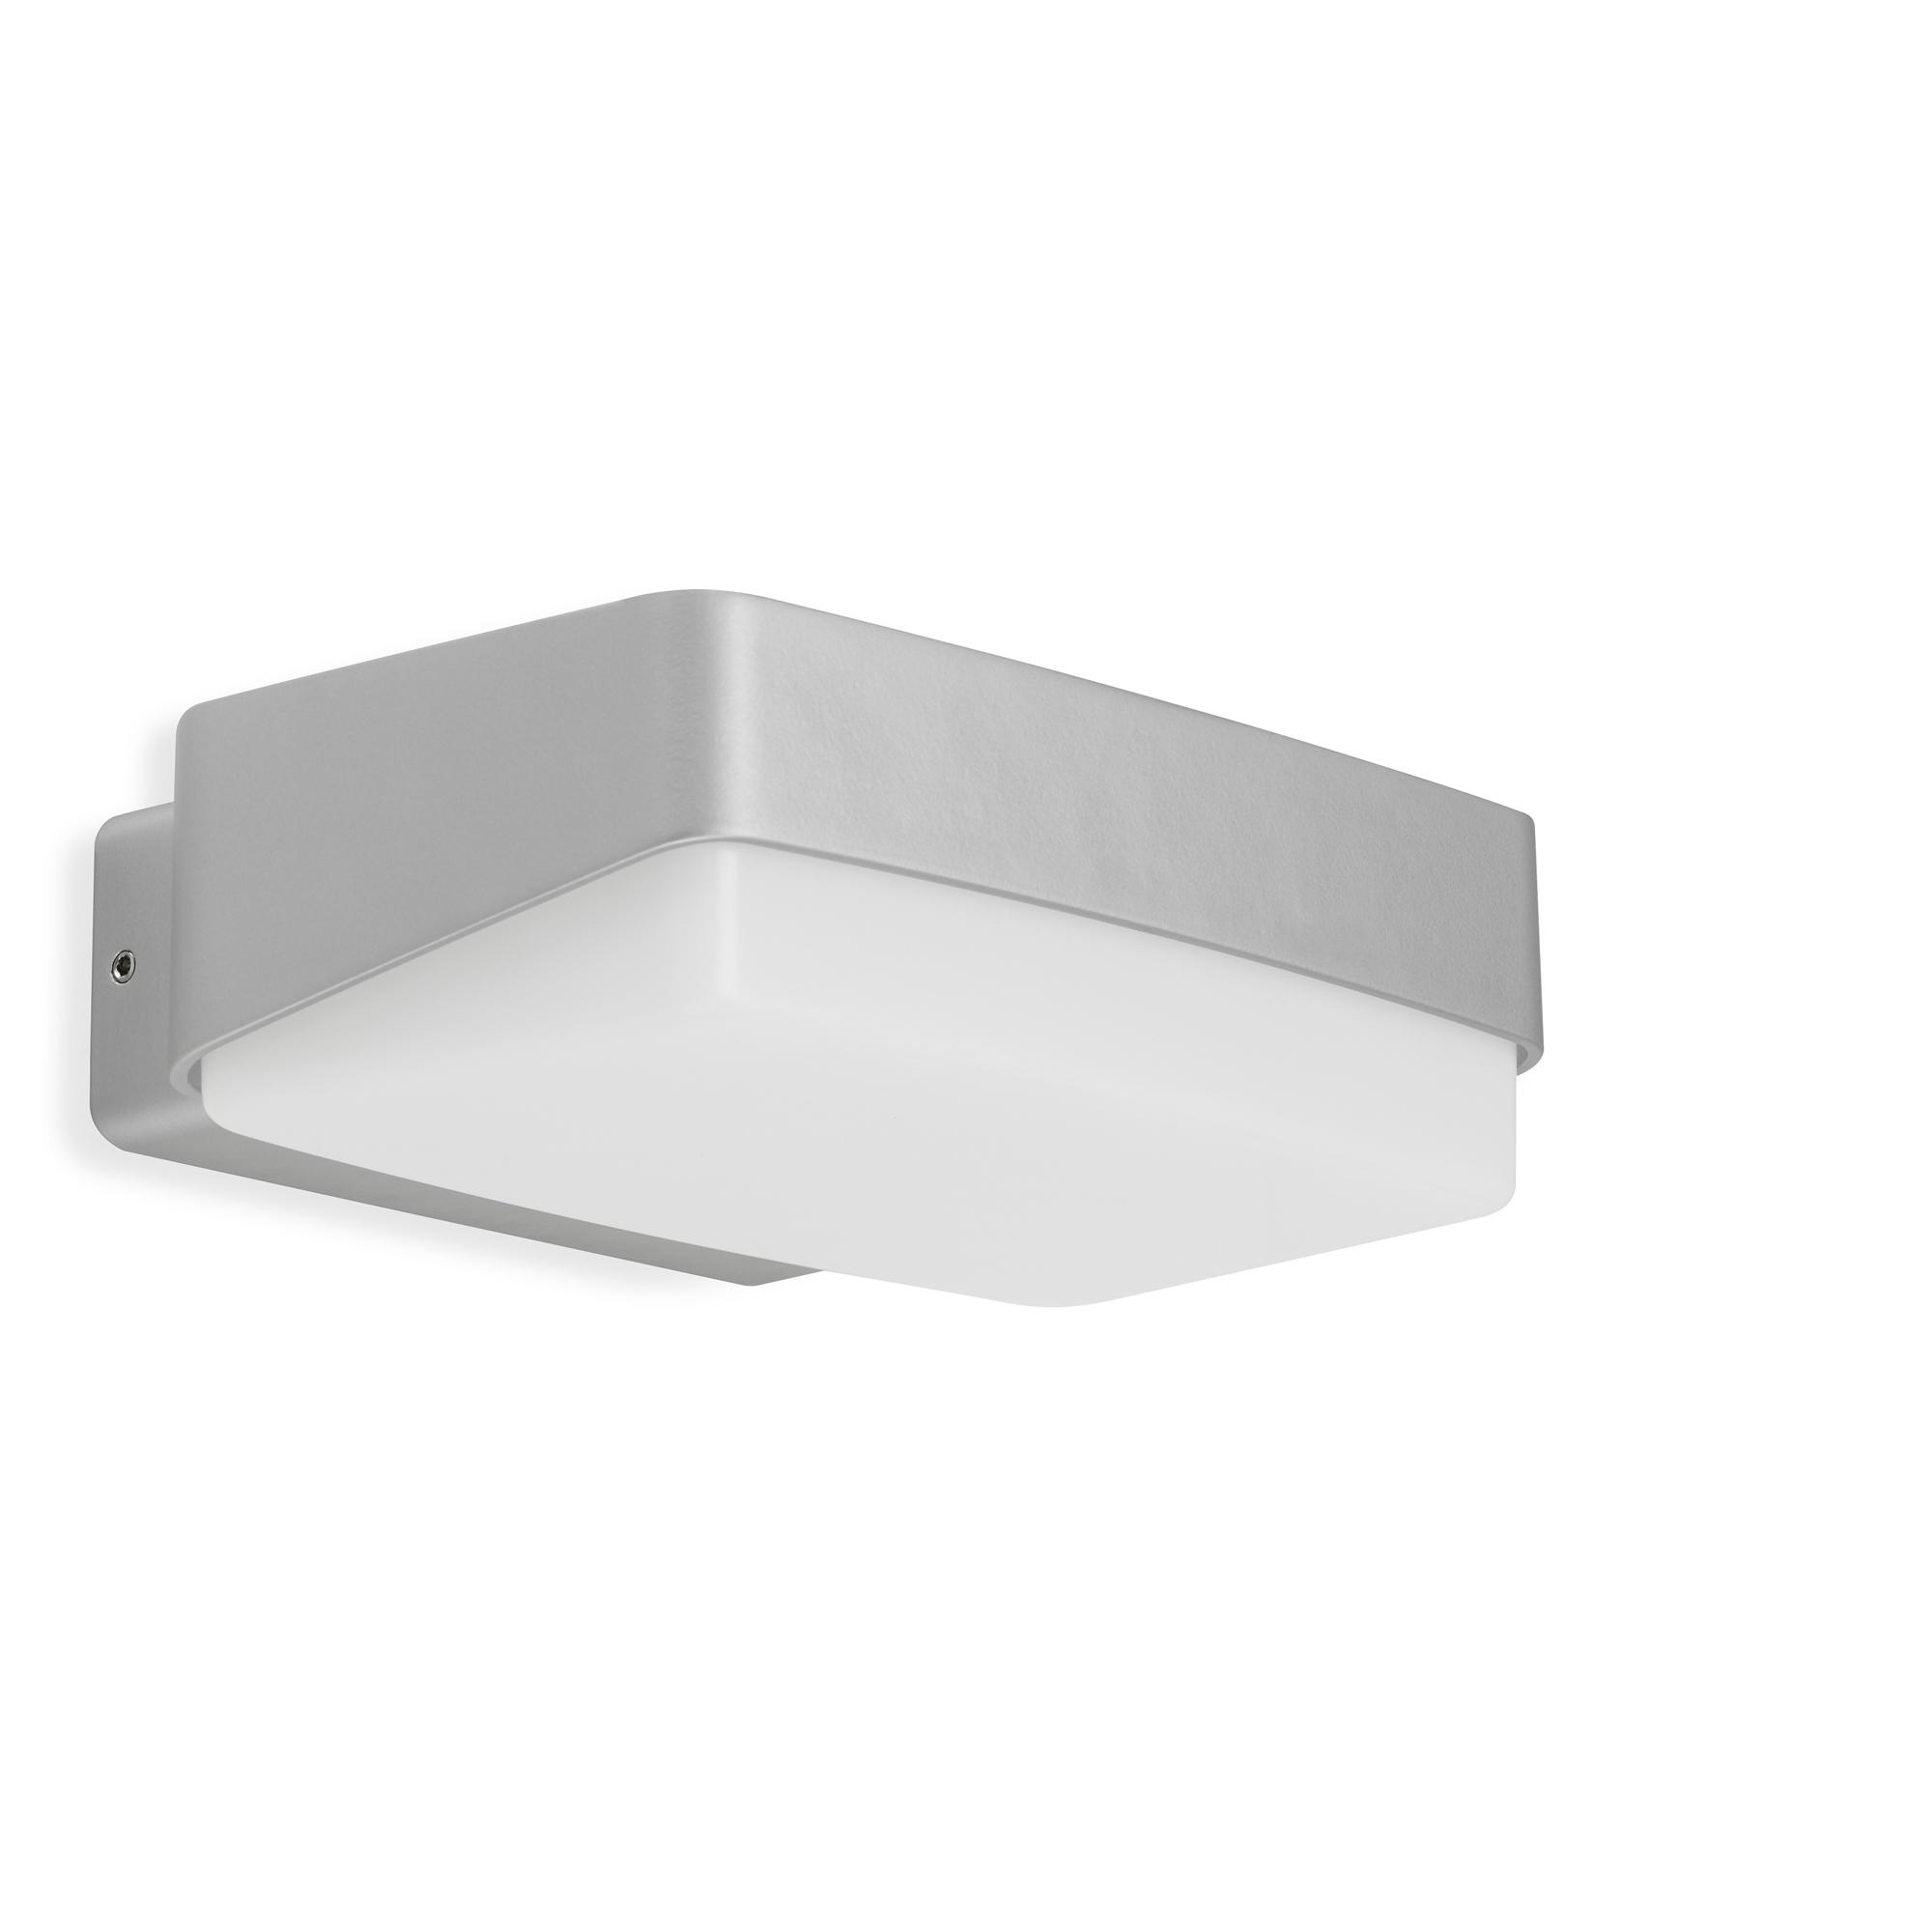 TELEFUNKEN LED Außenwandleuchte, 18,2 cm, 14 W, Silber